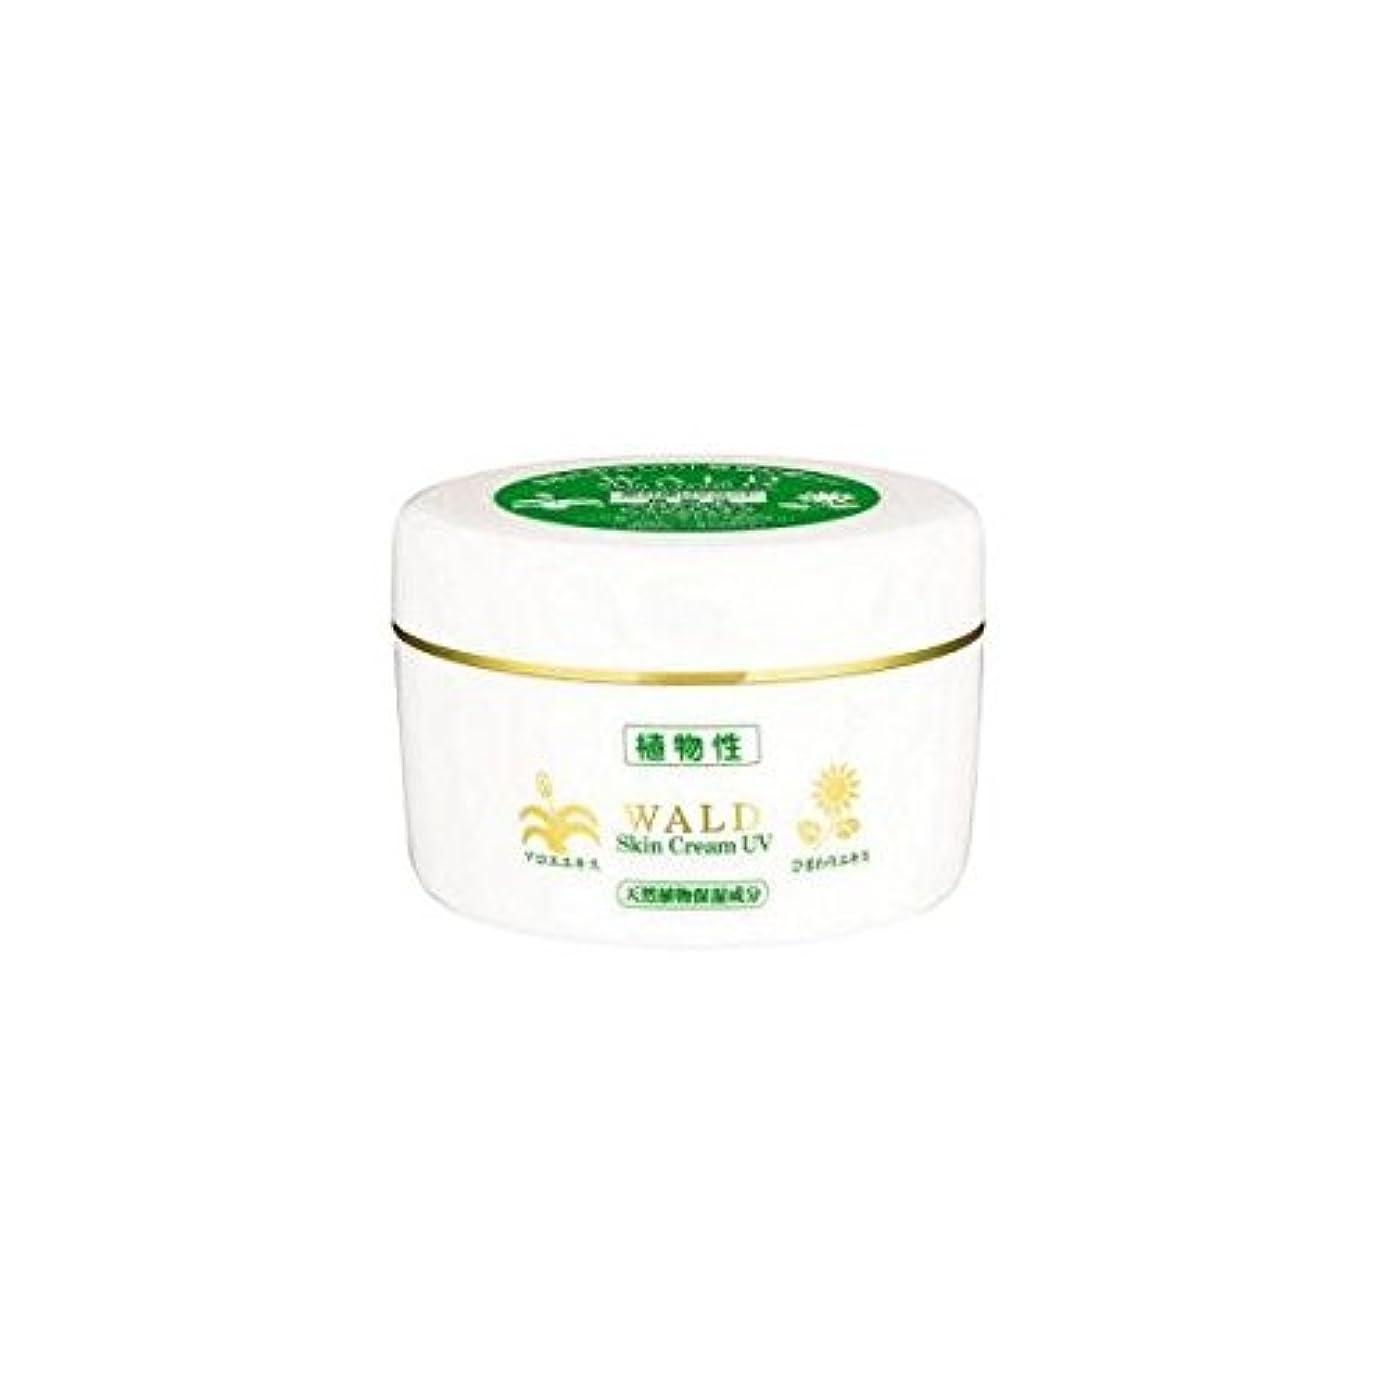 ラウズゆるく水星新 ヴァルトスキンクリーム UV (WALD Skin Cream UV) 220g (1)